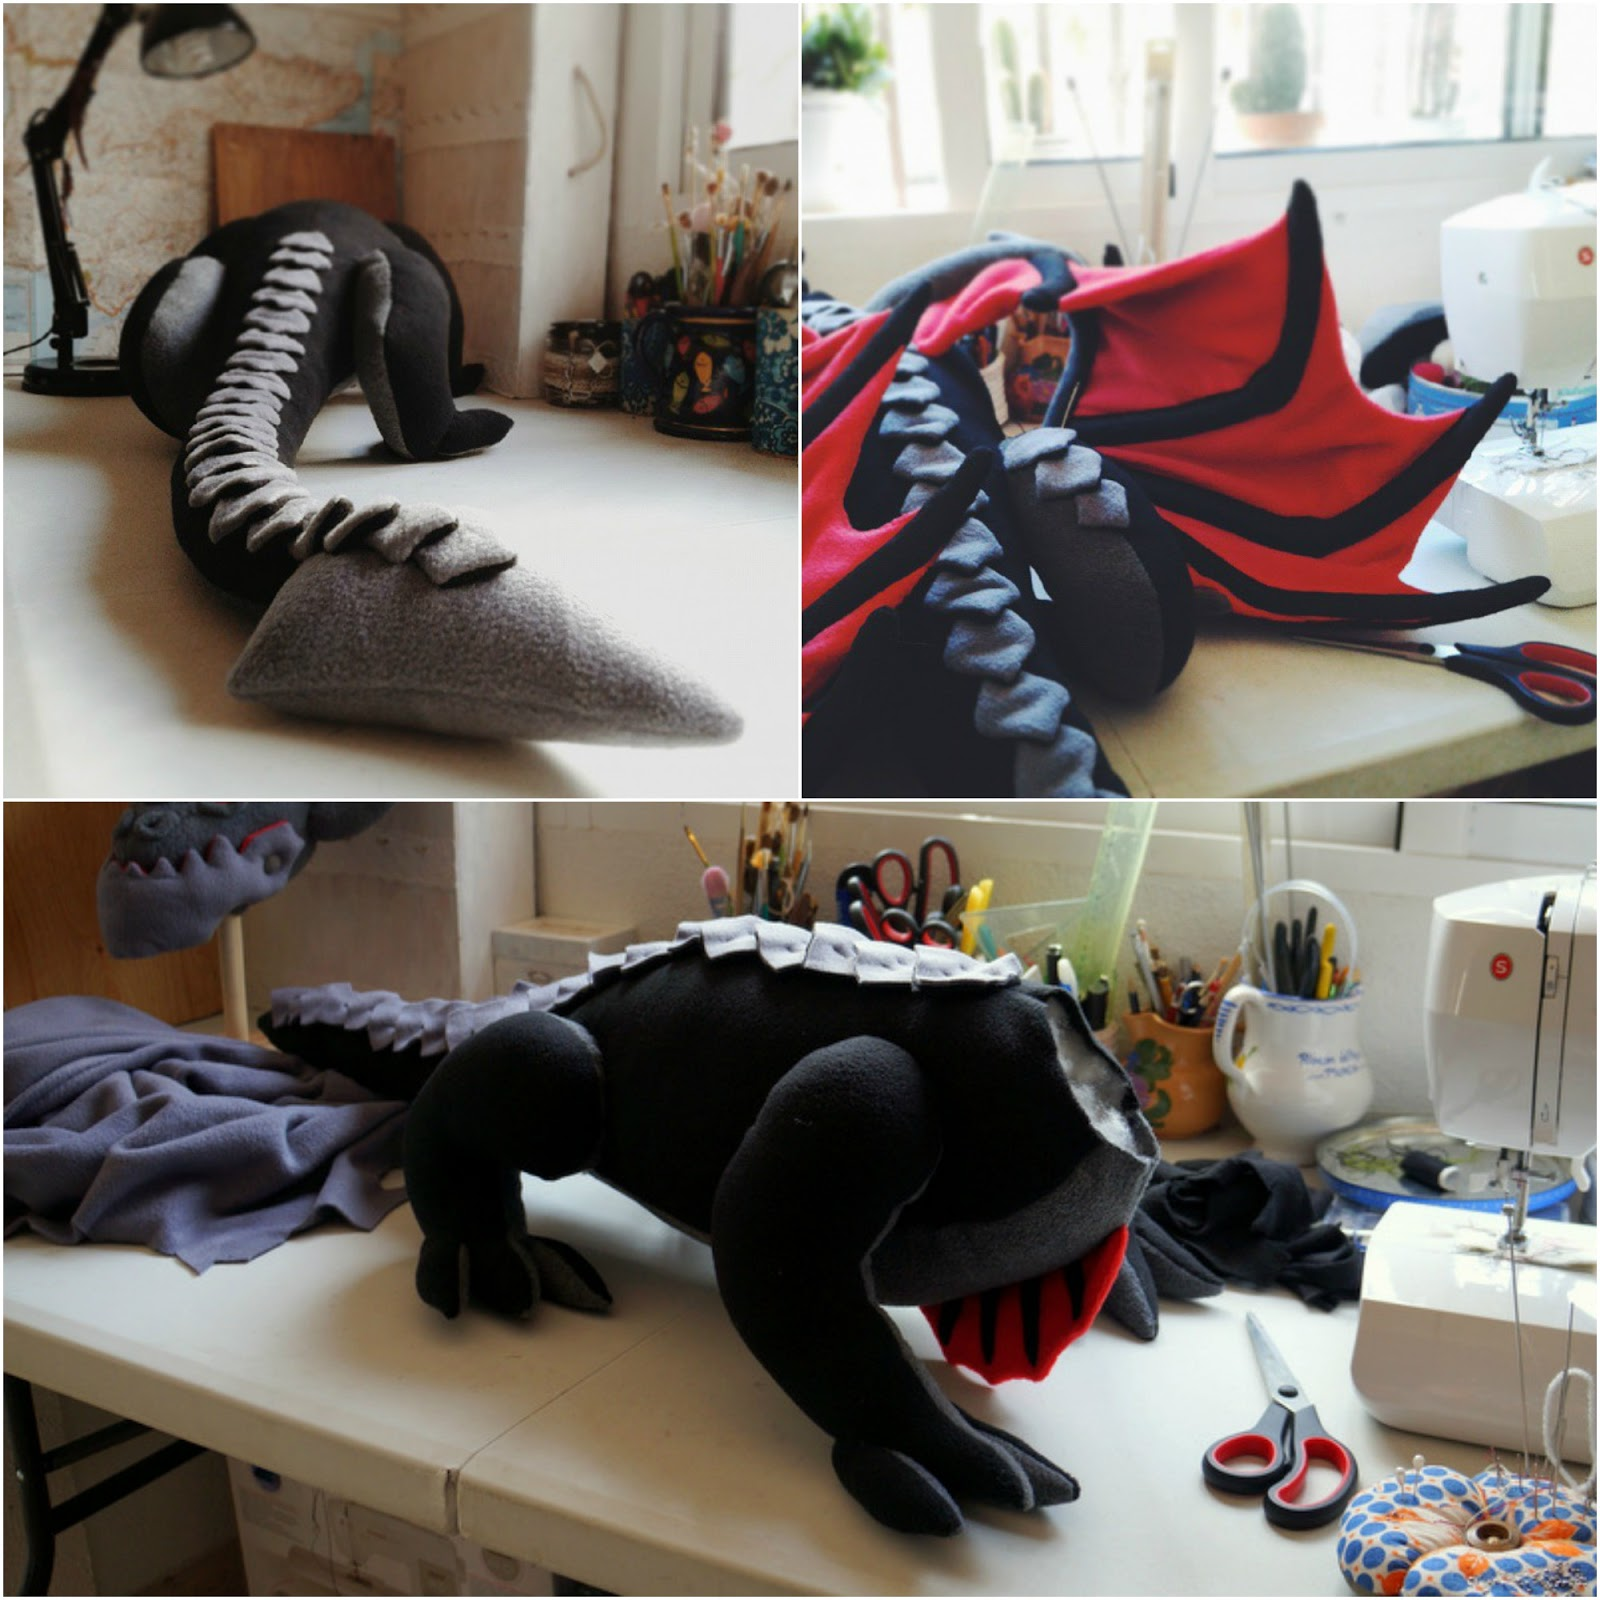 Peluche Deathwing, el dragón de World of Warcraft, cuerpo en proceso.